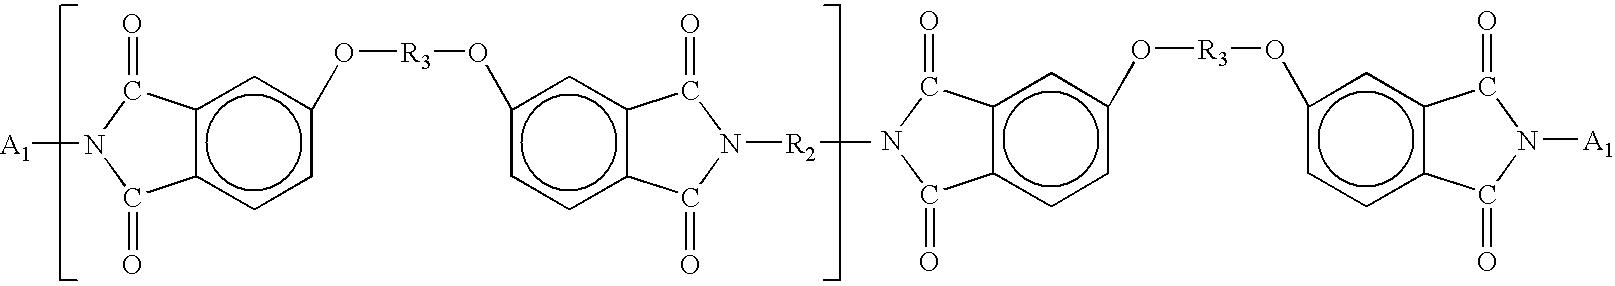 Figure US20100204412A1-20100812-C00034